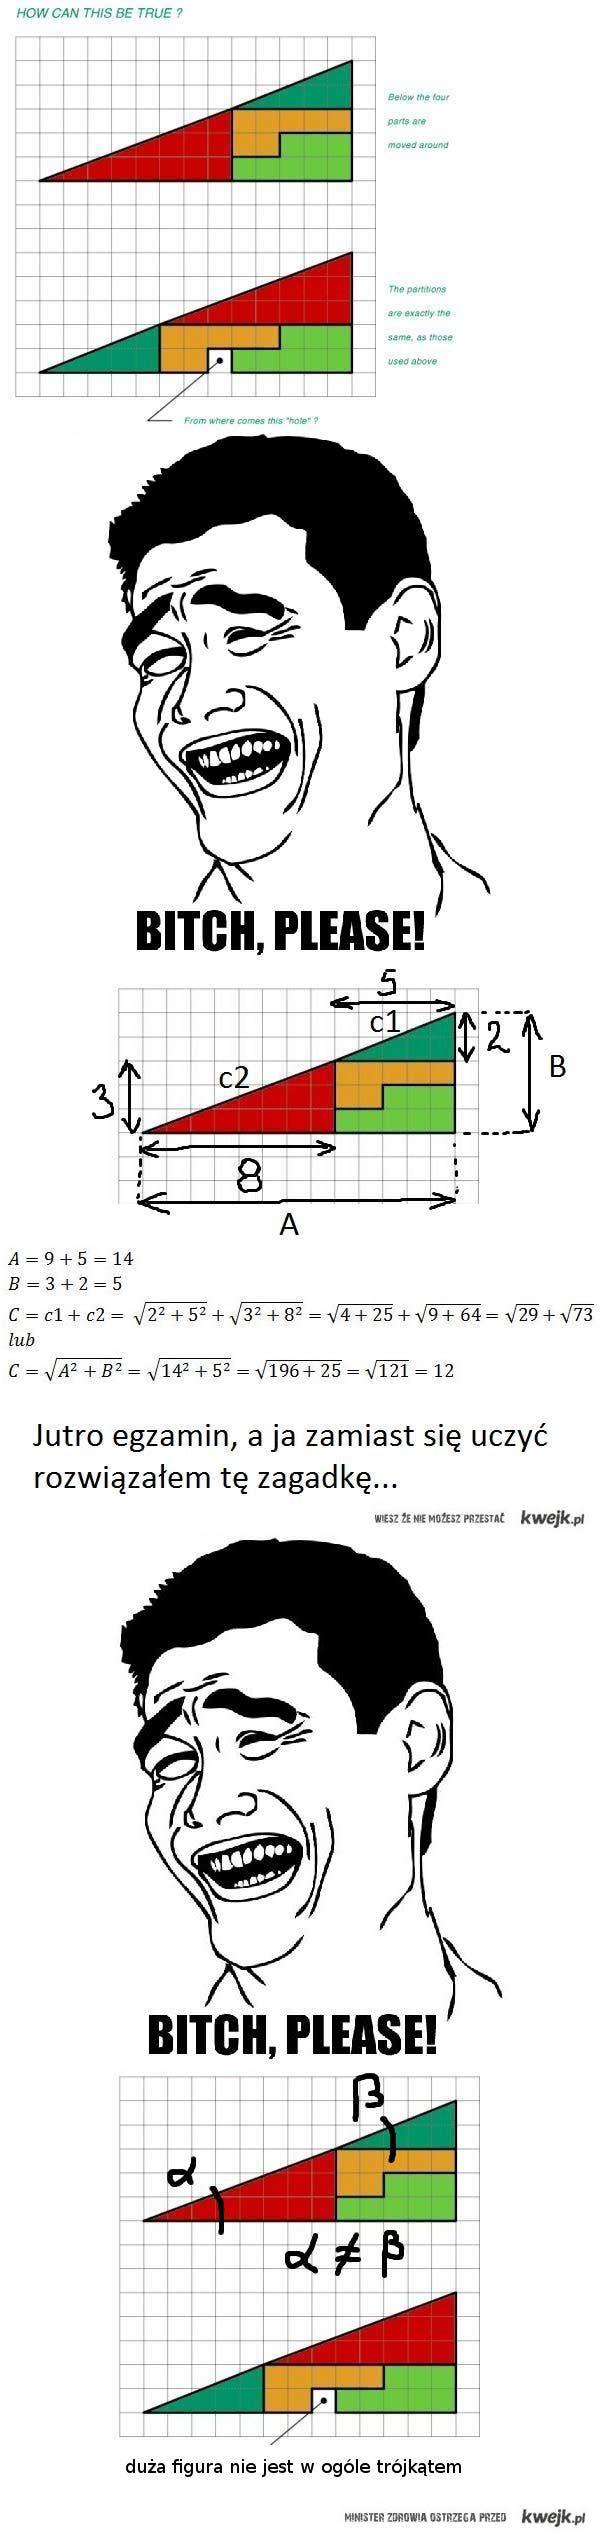 rozwiązanie2